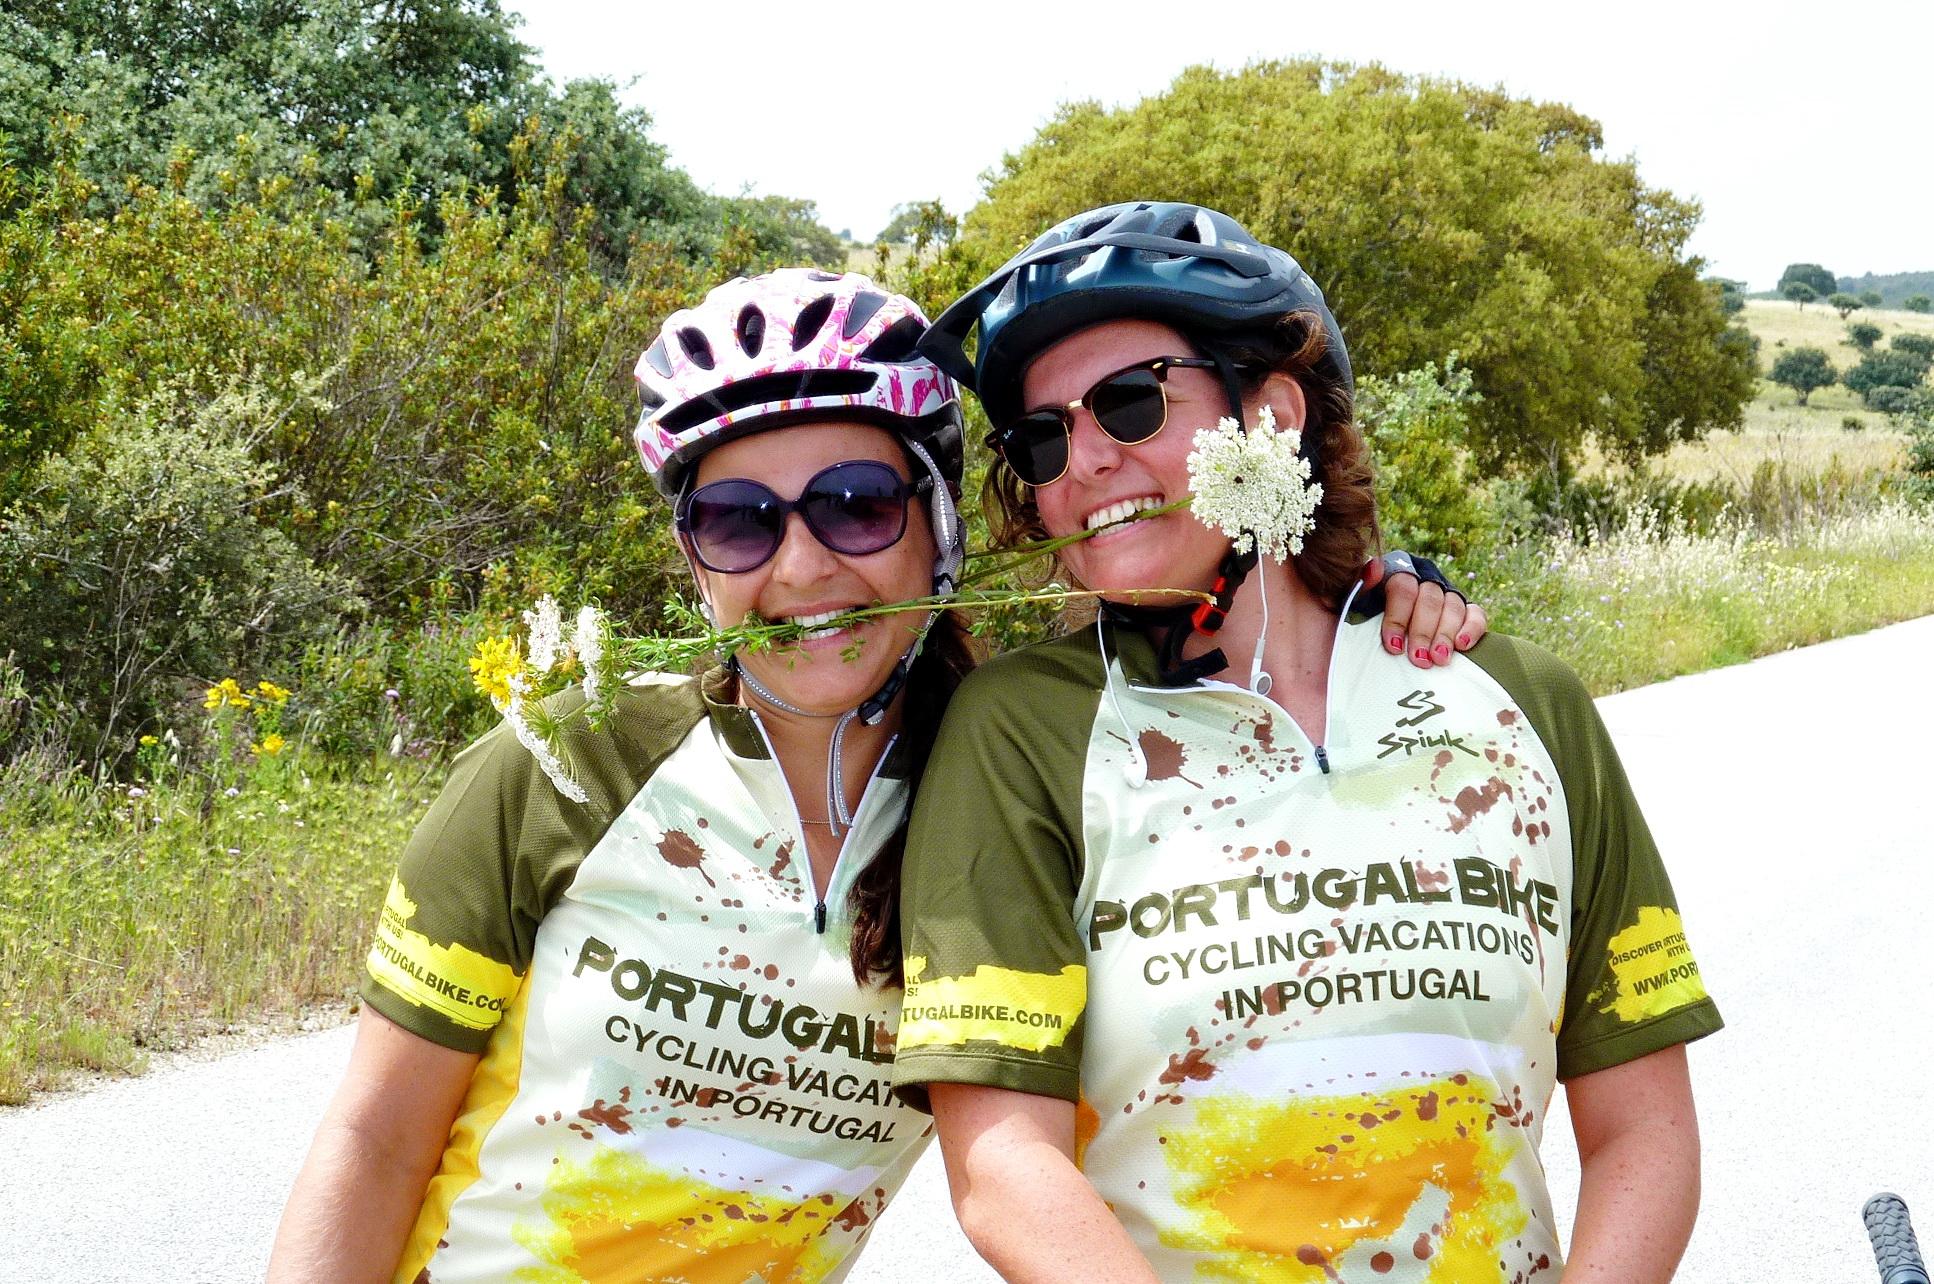 portugal bike tours the beautiful coast of cascais 05a